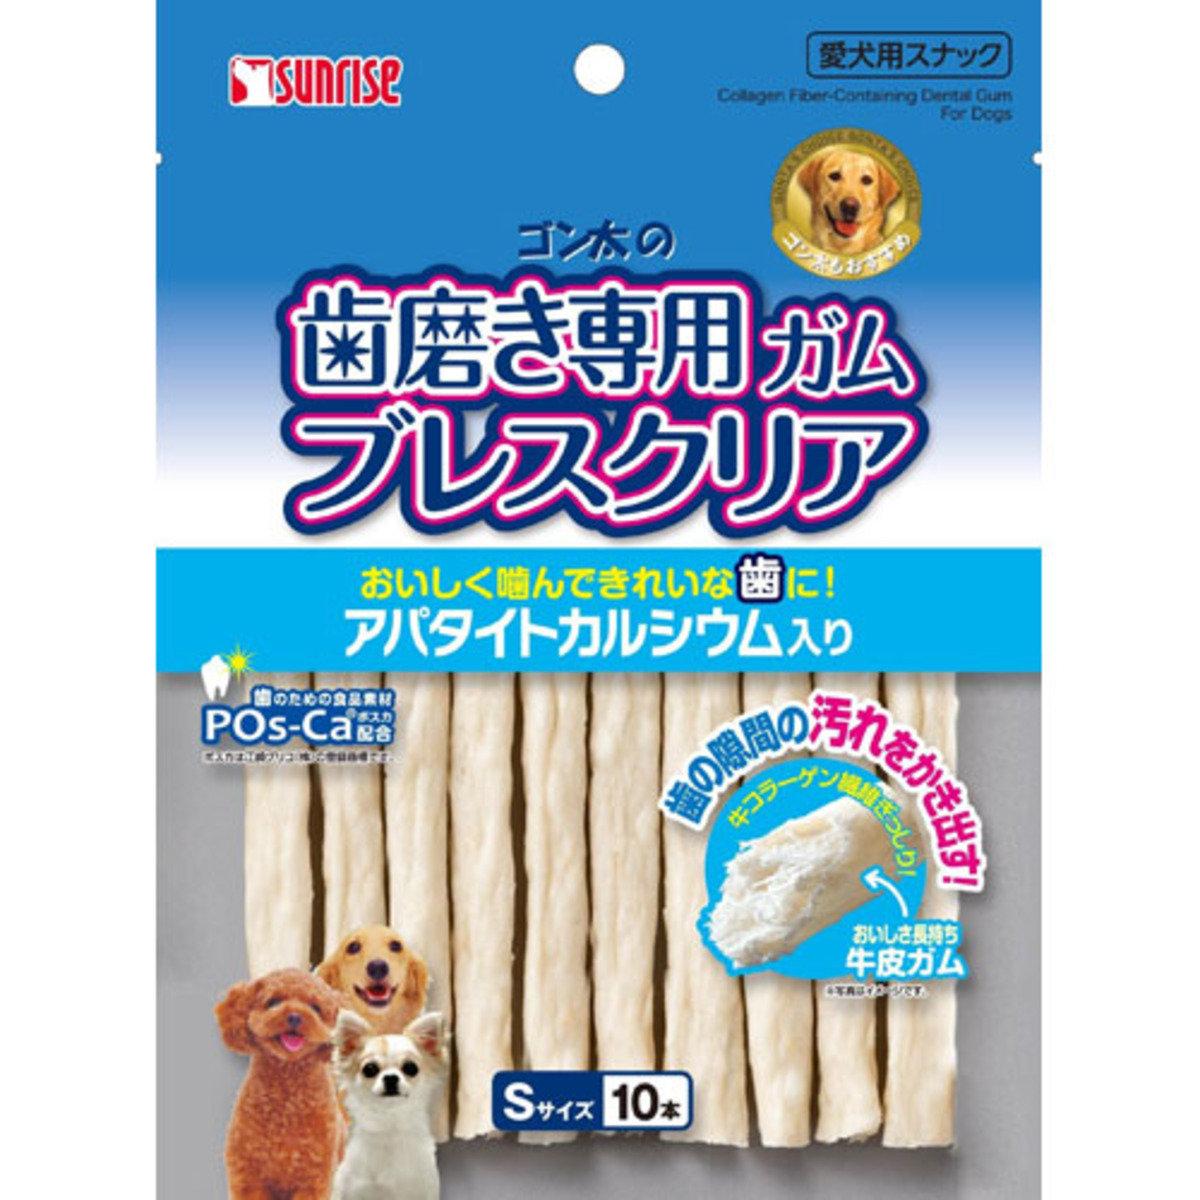 日本 SUNRISE 蘋果味牛皮潔齒棒 10pcs